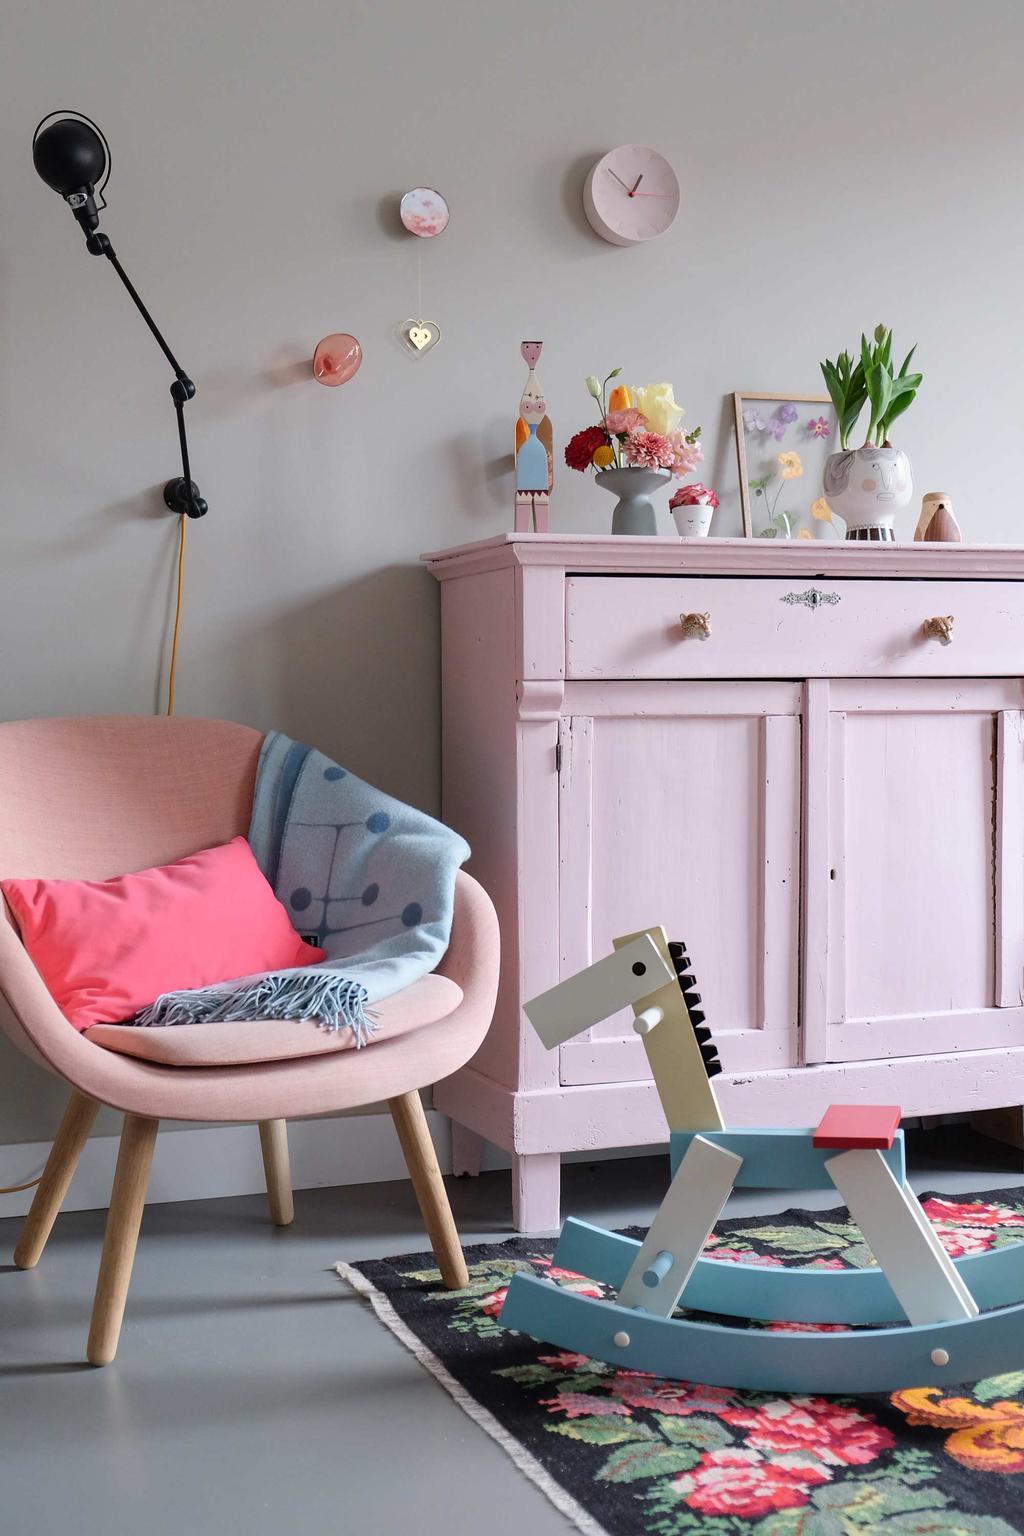 Designspeelgoed: een hobbelpaard van Cavalcade in een kinderkamer met roze kast en stoel